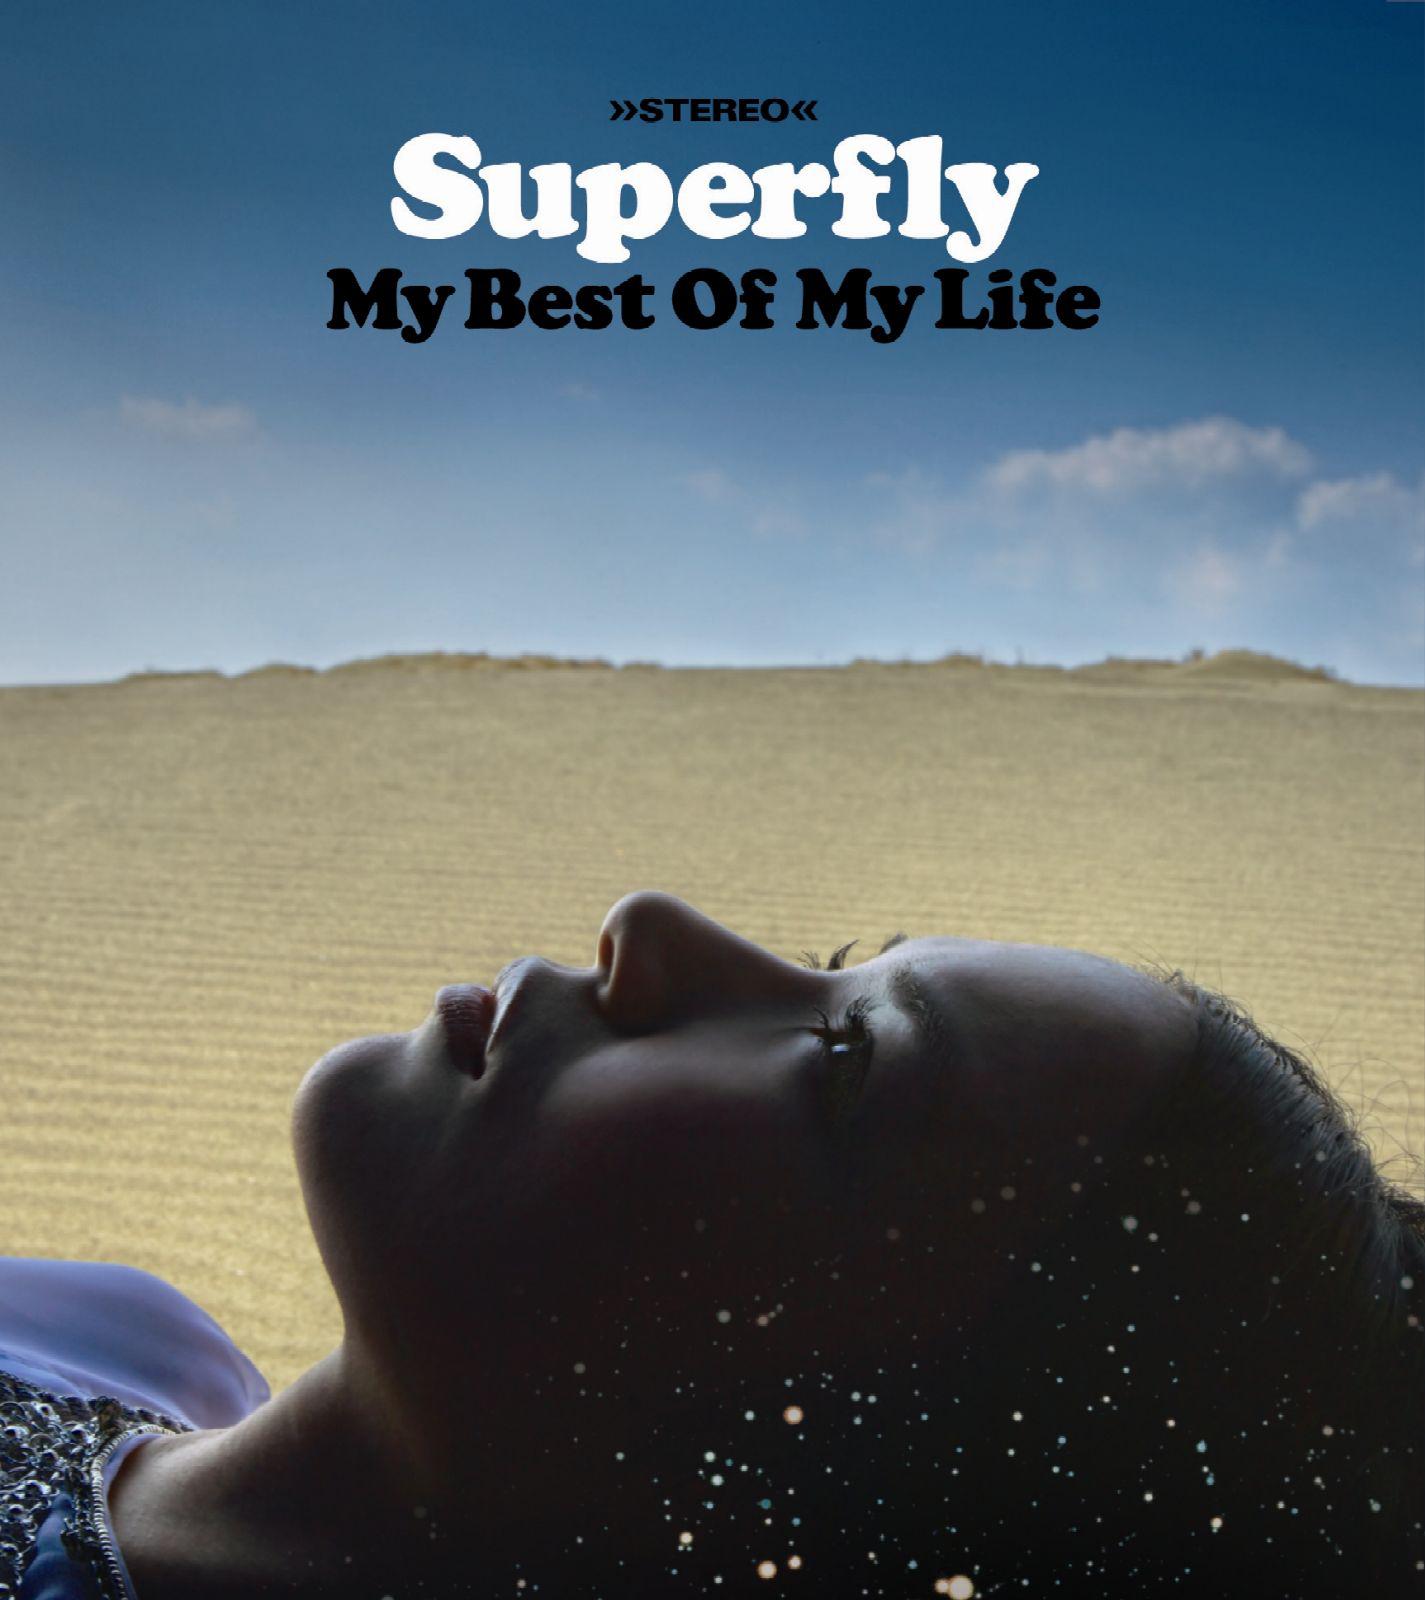 Superfly (スーパーフライ) 7thシングル『My Best Of My Life (マイ ベスト オブ マイ ライフ)』(2009年5月13日発売) 高画質ジャケット画像